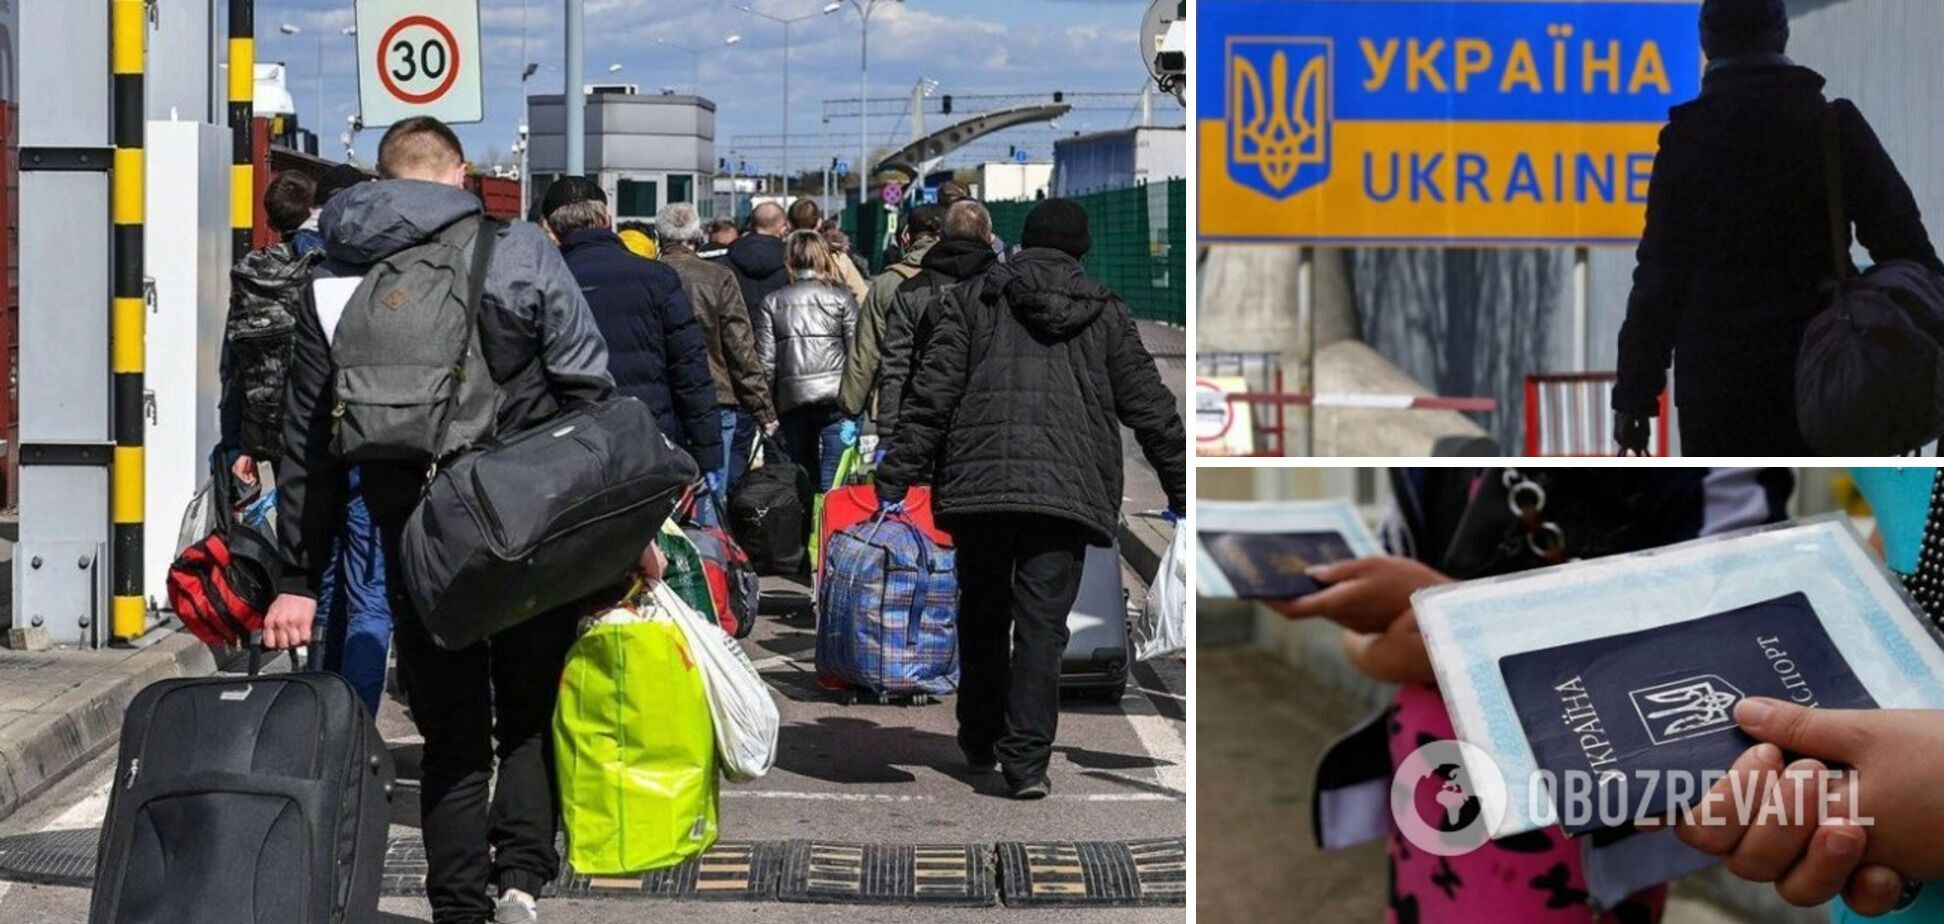 Чемодан, вокзал, Польща або Як влада своїх громадян на багаті країни відправляє